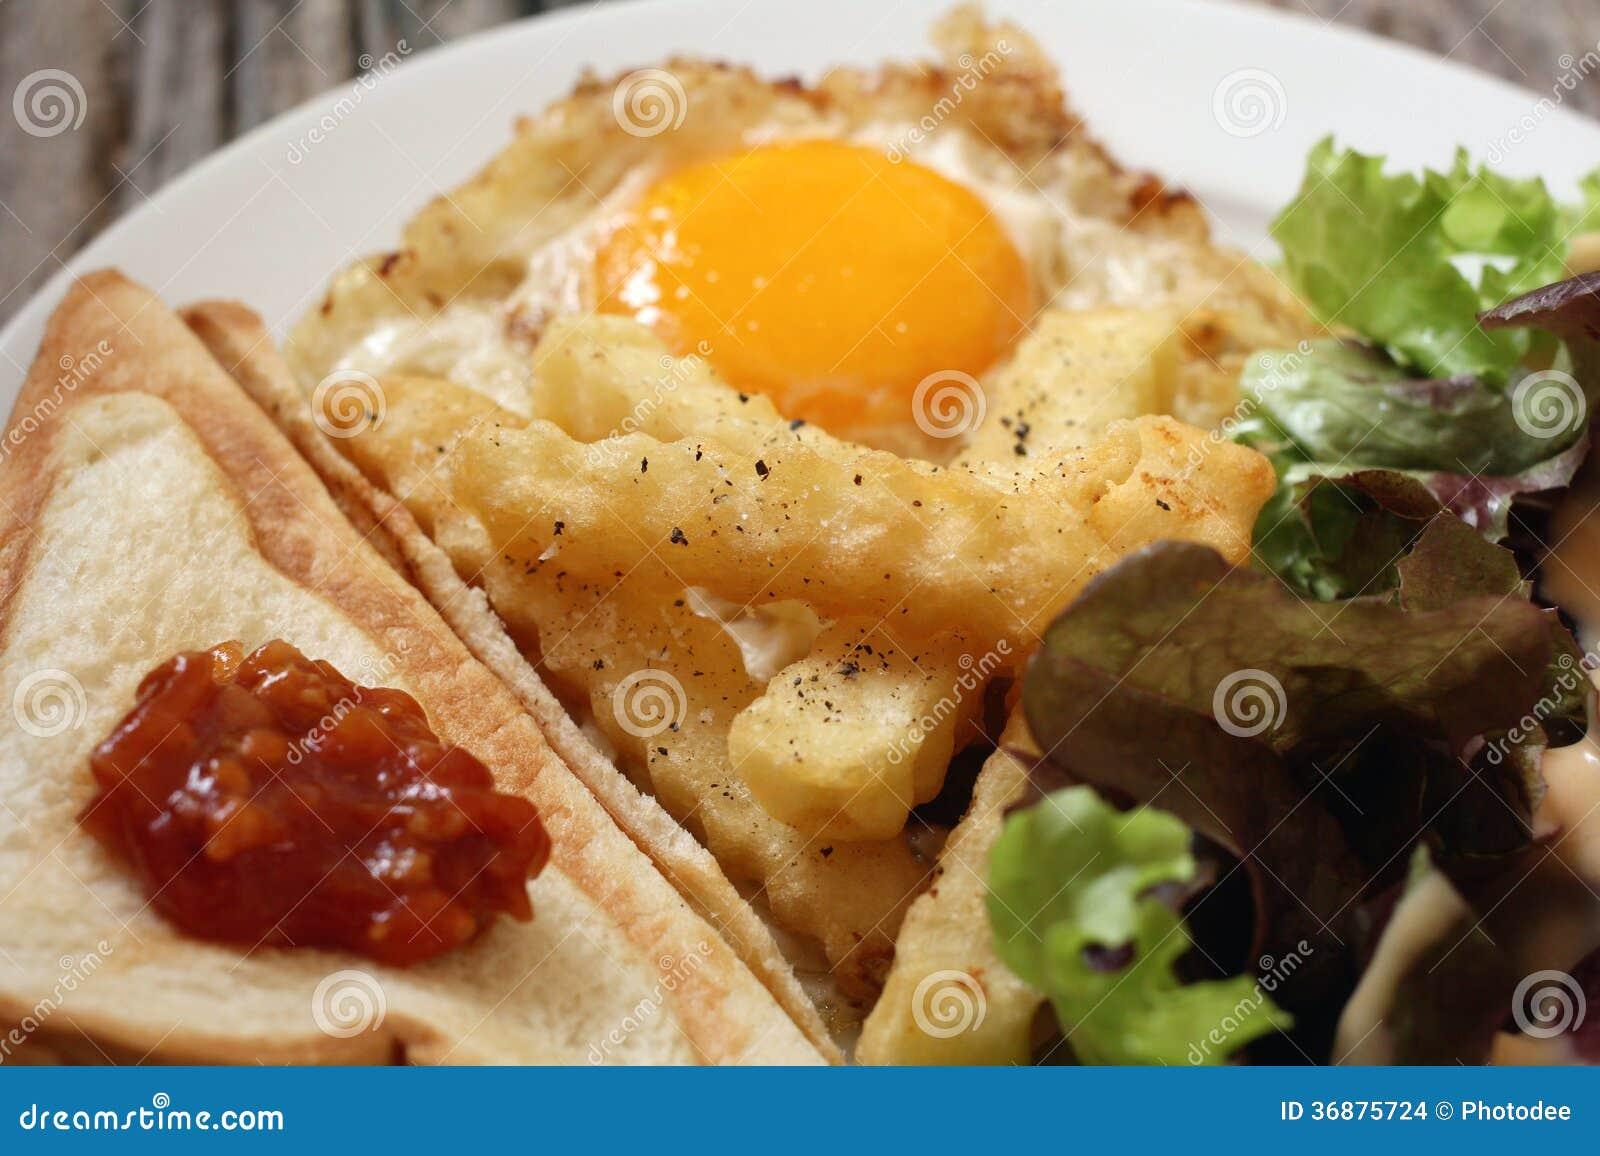 Download Prima colazione fotografia stock. Immagine di sano, uovo - 36875724